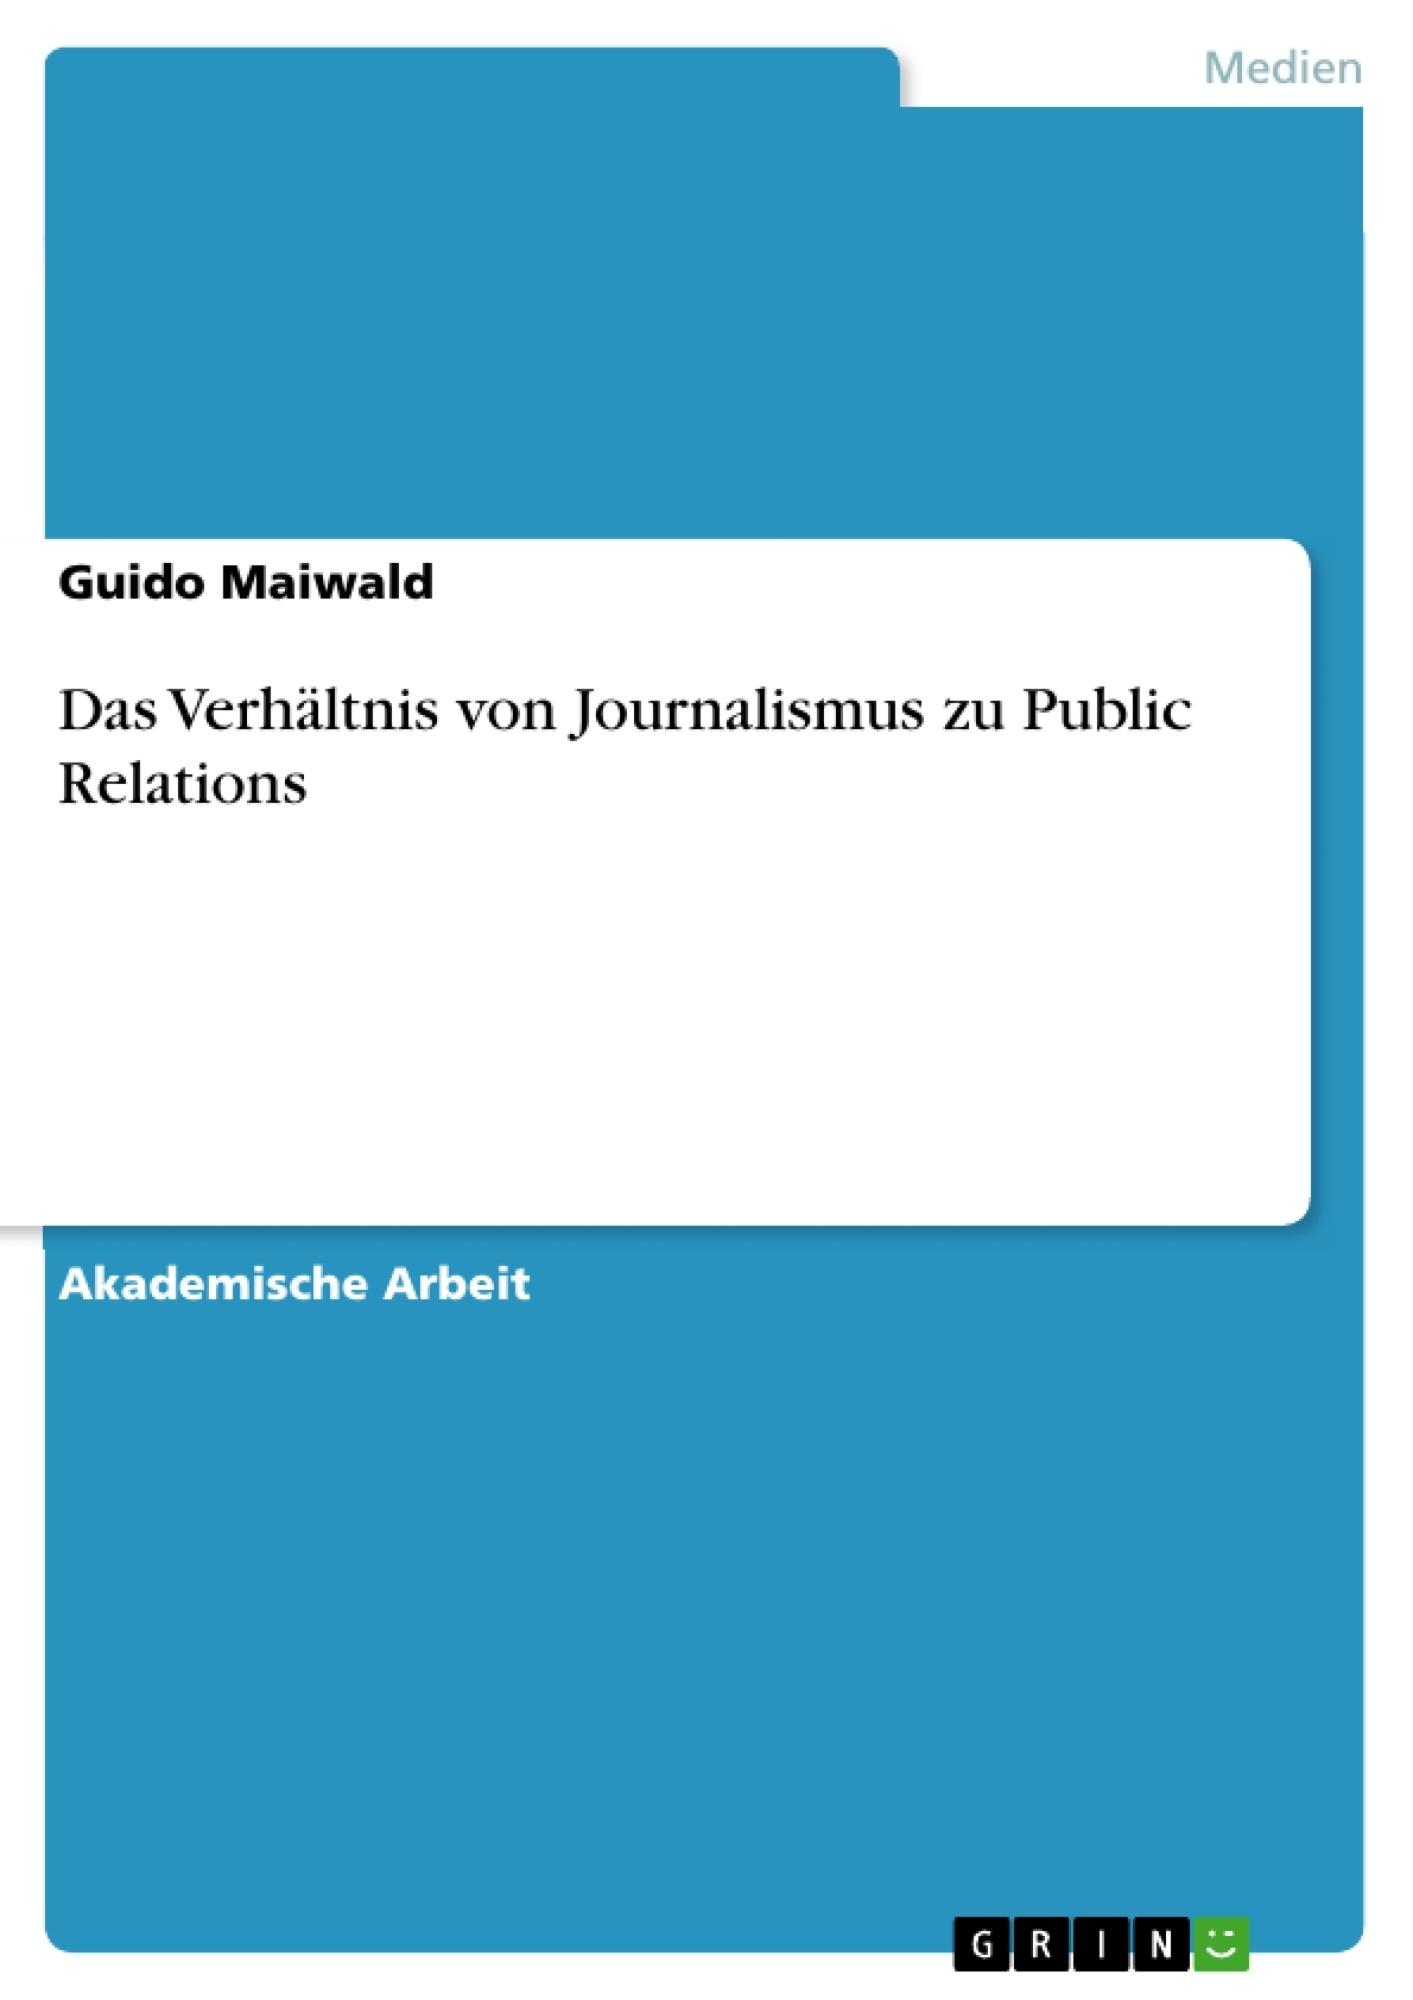 Titel: Das Verhältnis von Journalismus zu Public Relations